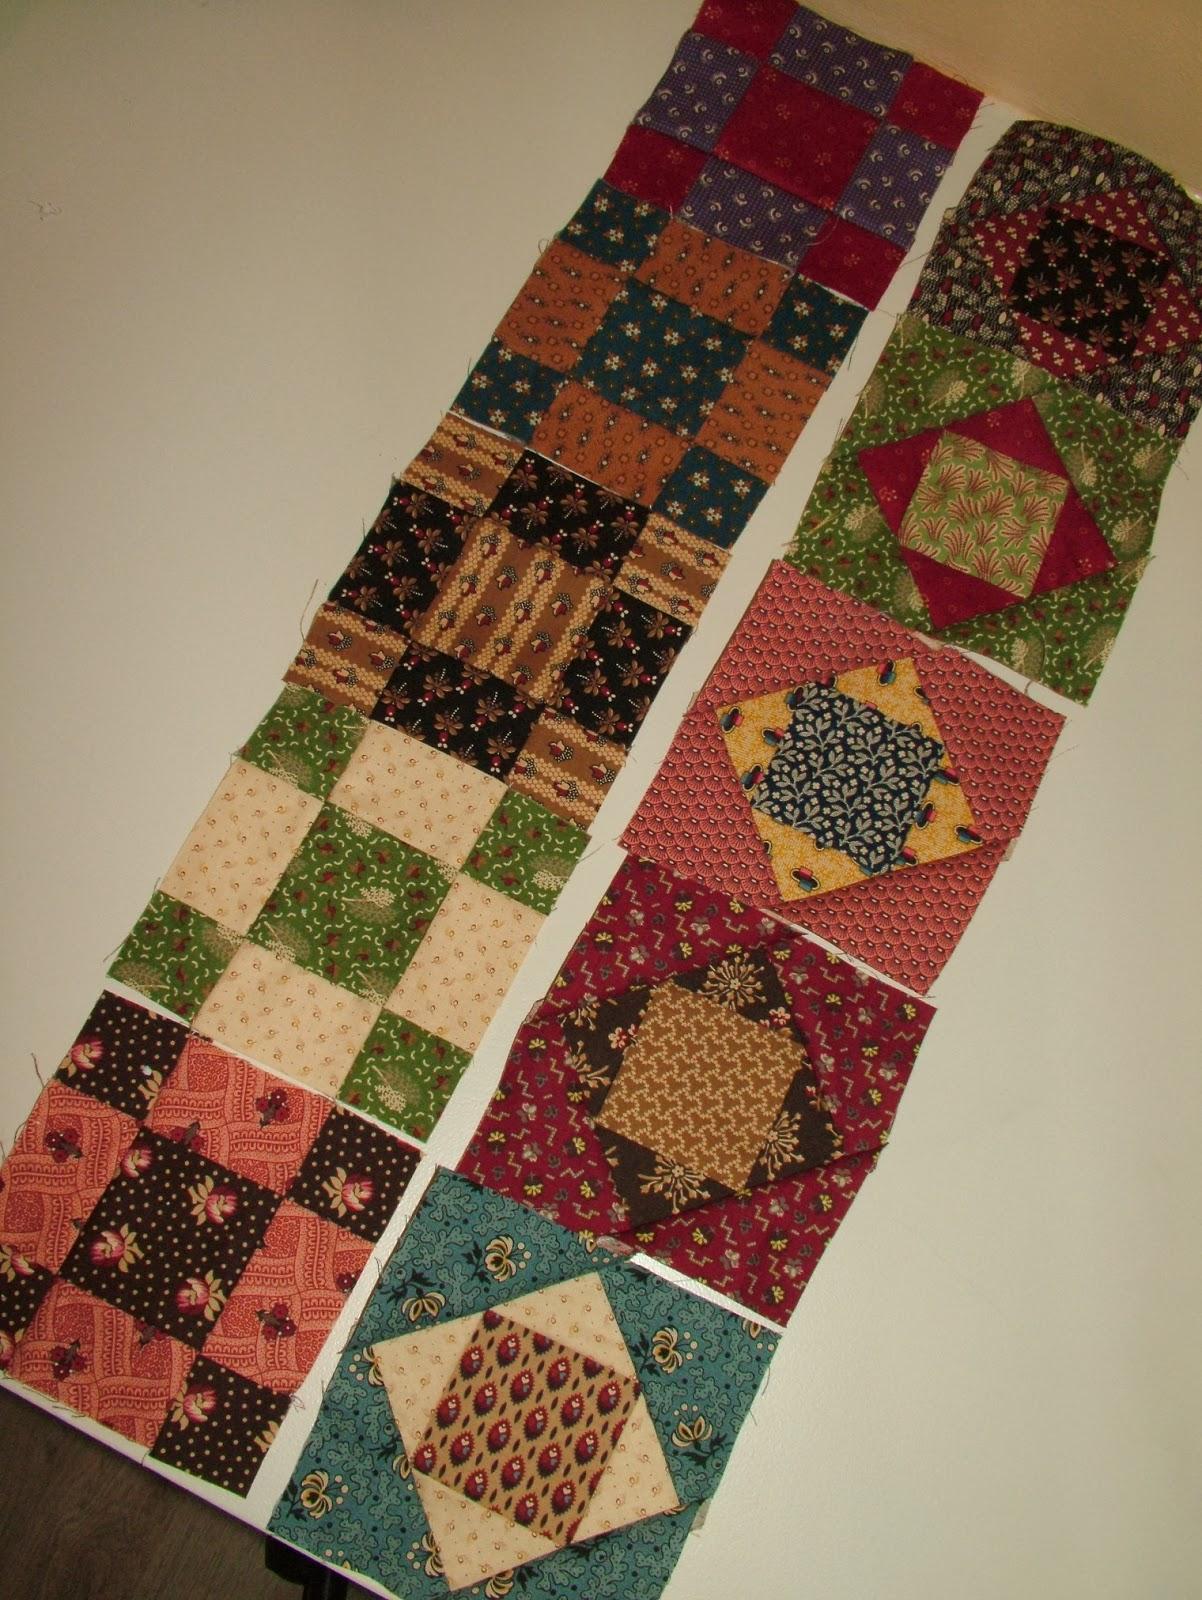 De creatieve wereld van terray over de temecula quilt haken en een loungebank - Quilts gele ...